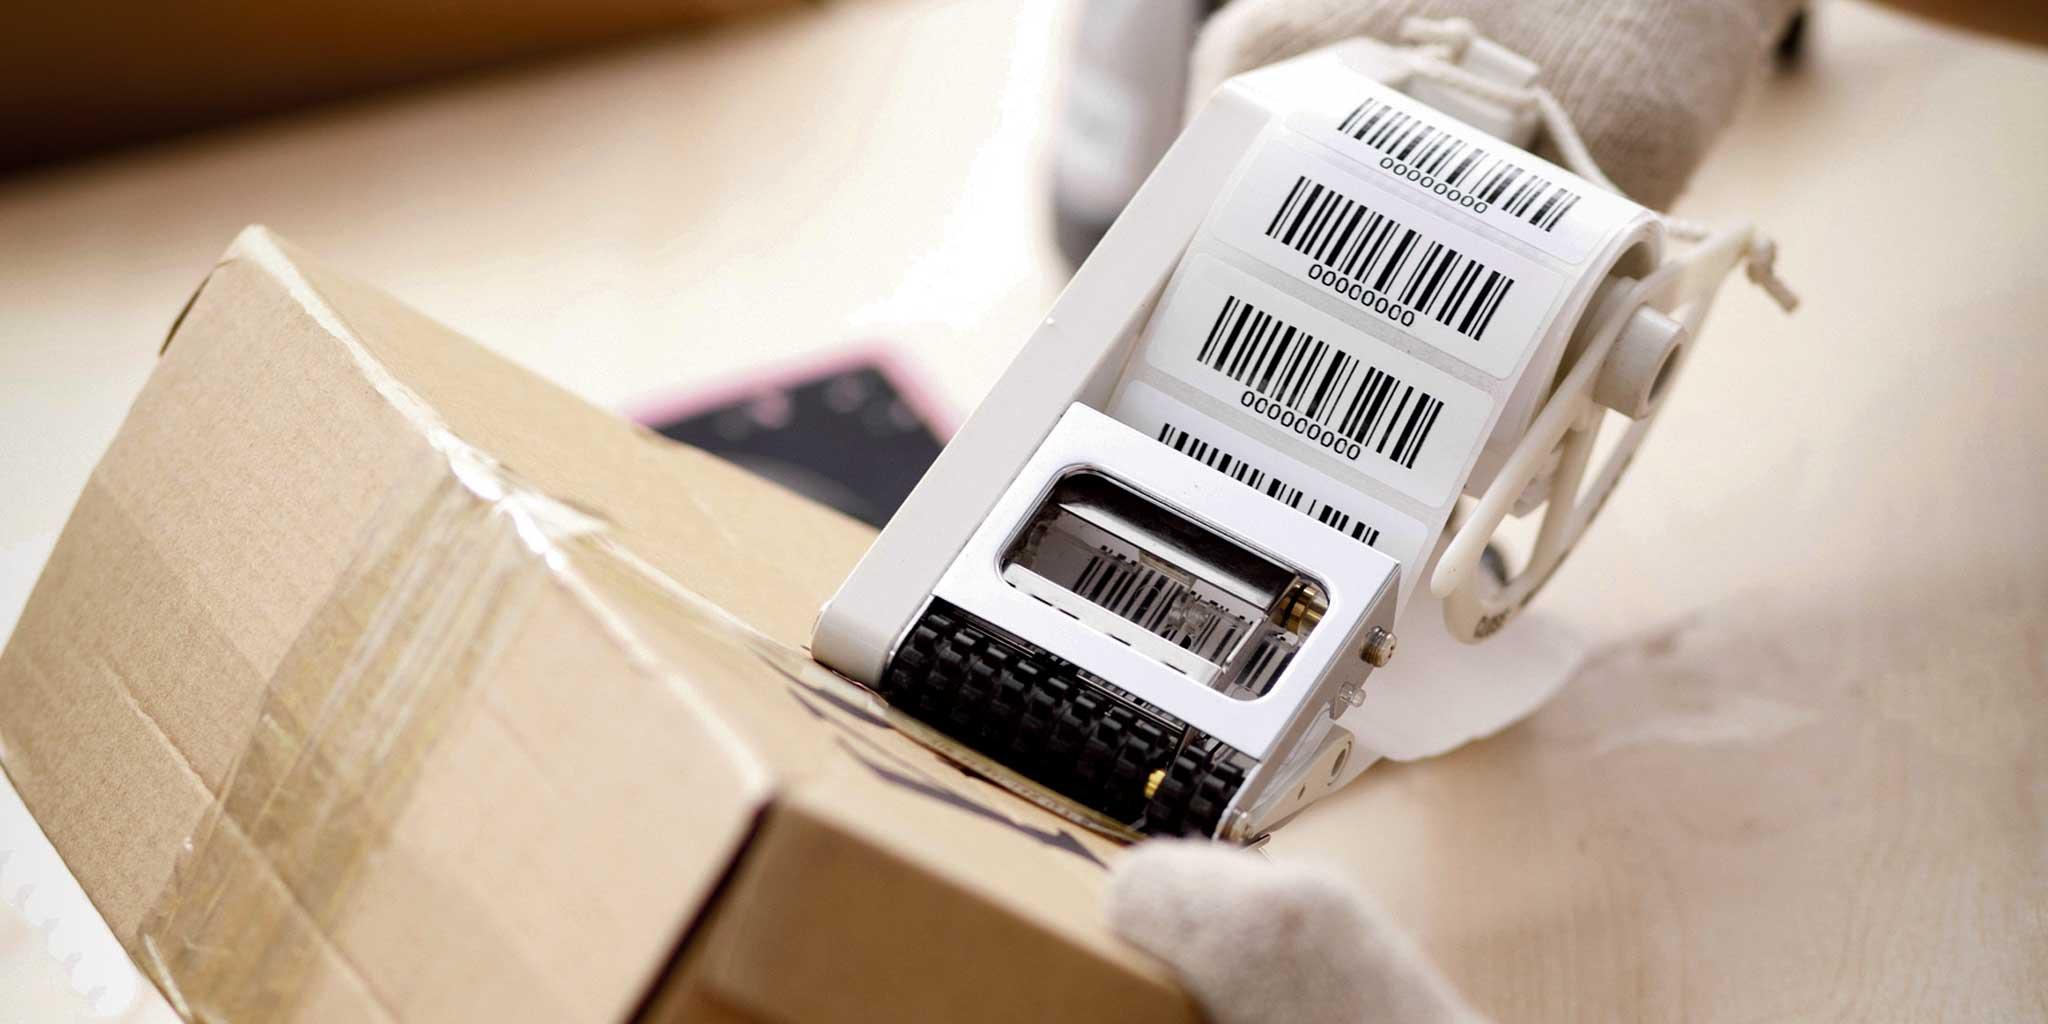 etiketten die worden geplakt op een pakketje